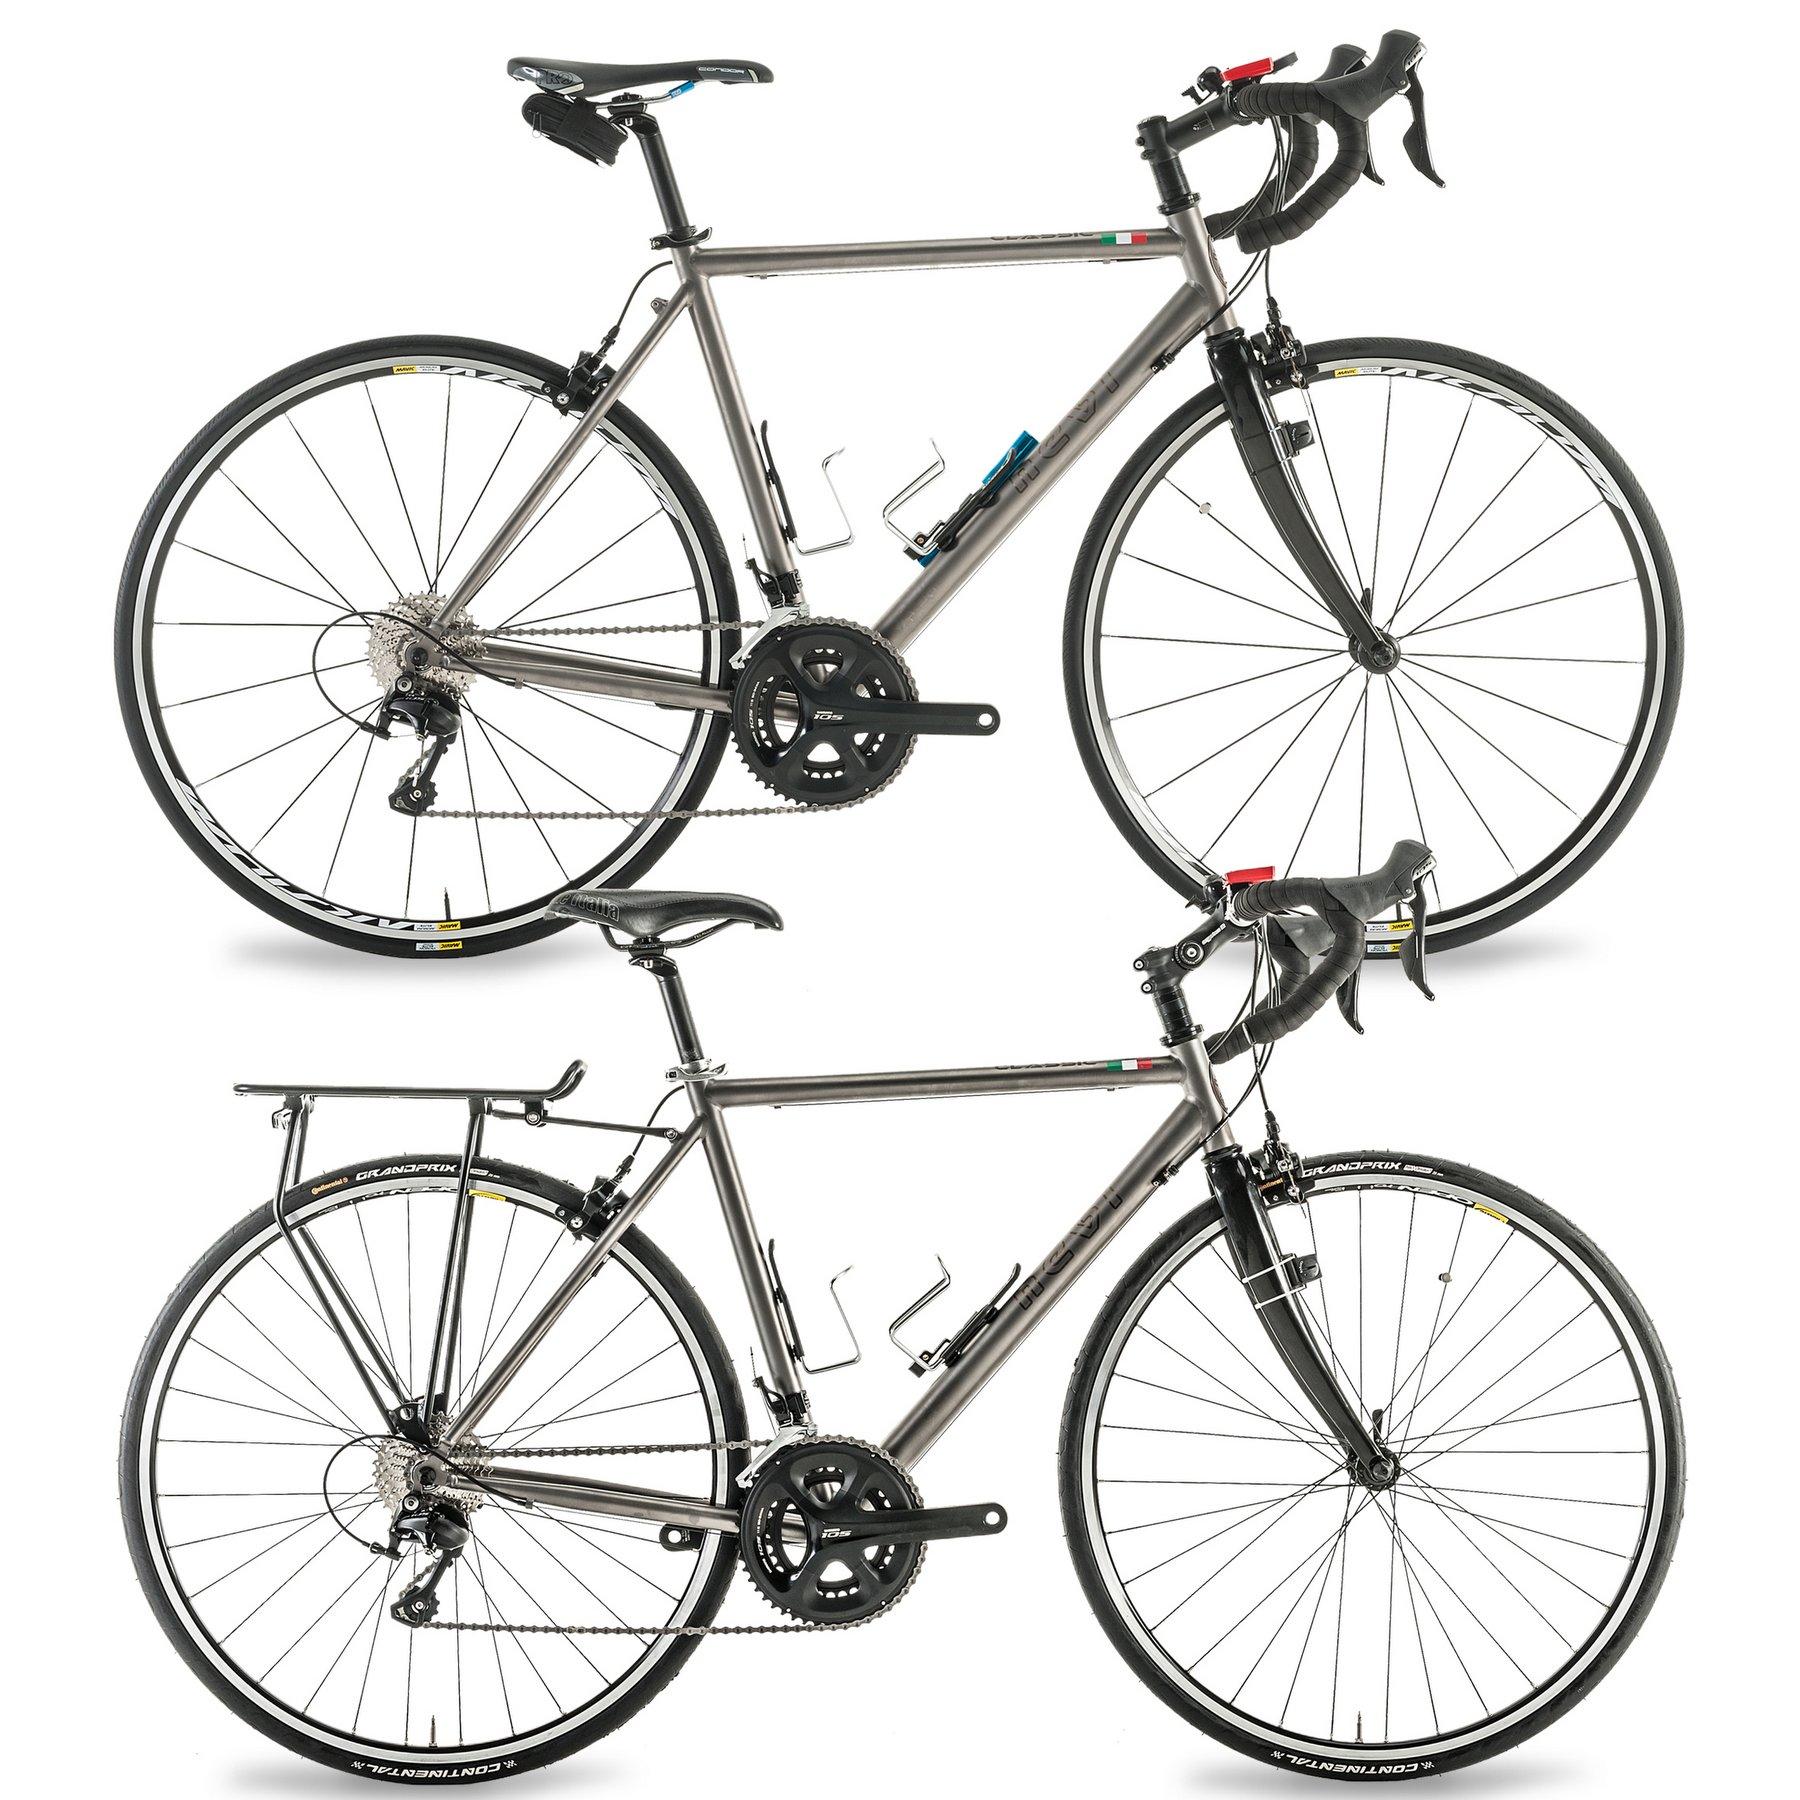 1800x1800 Bike Rentals In Italy Group Bike Rentals Amp Bike Hire